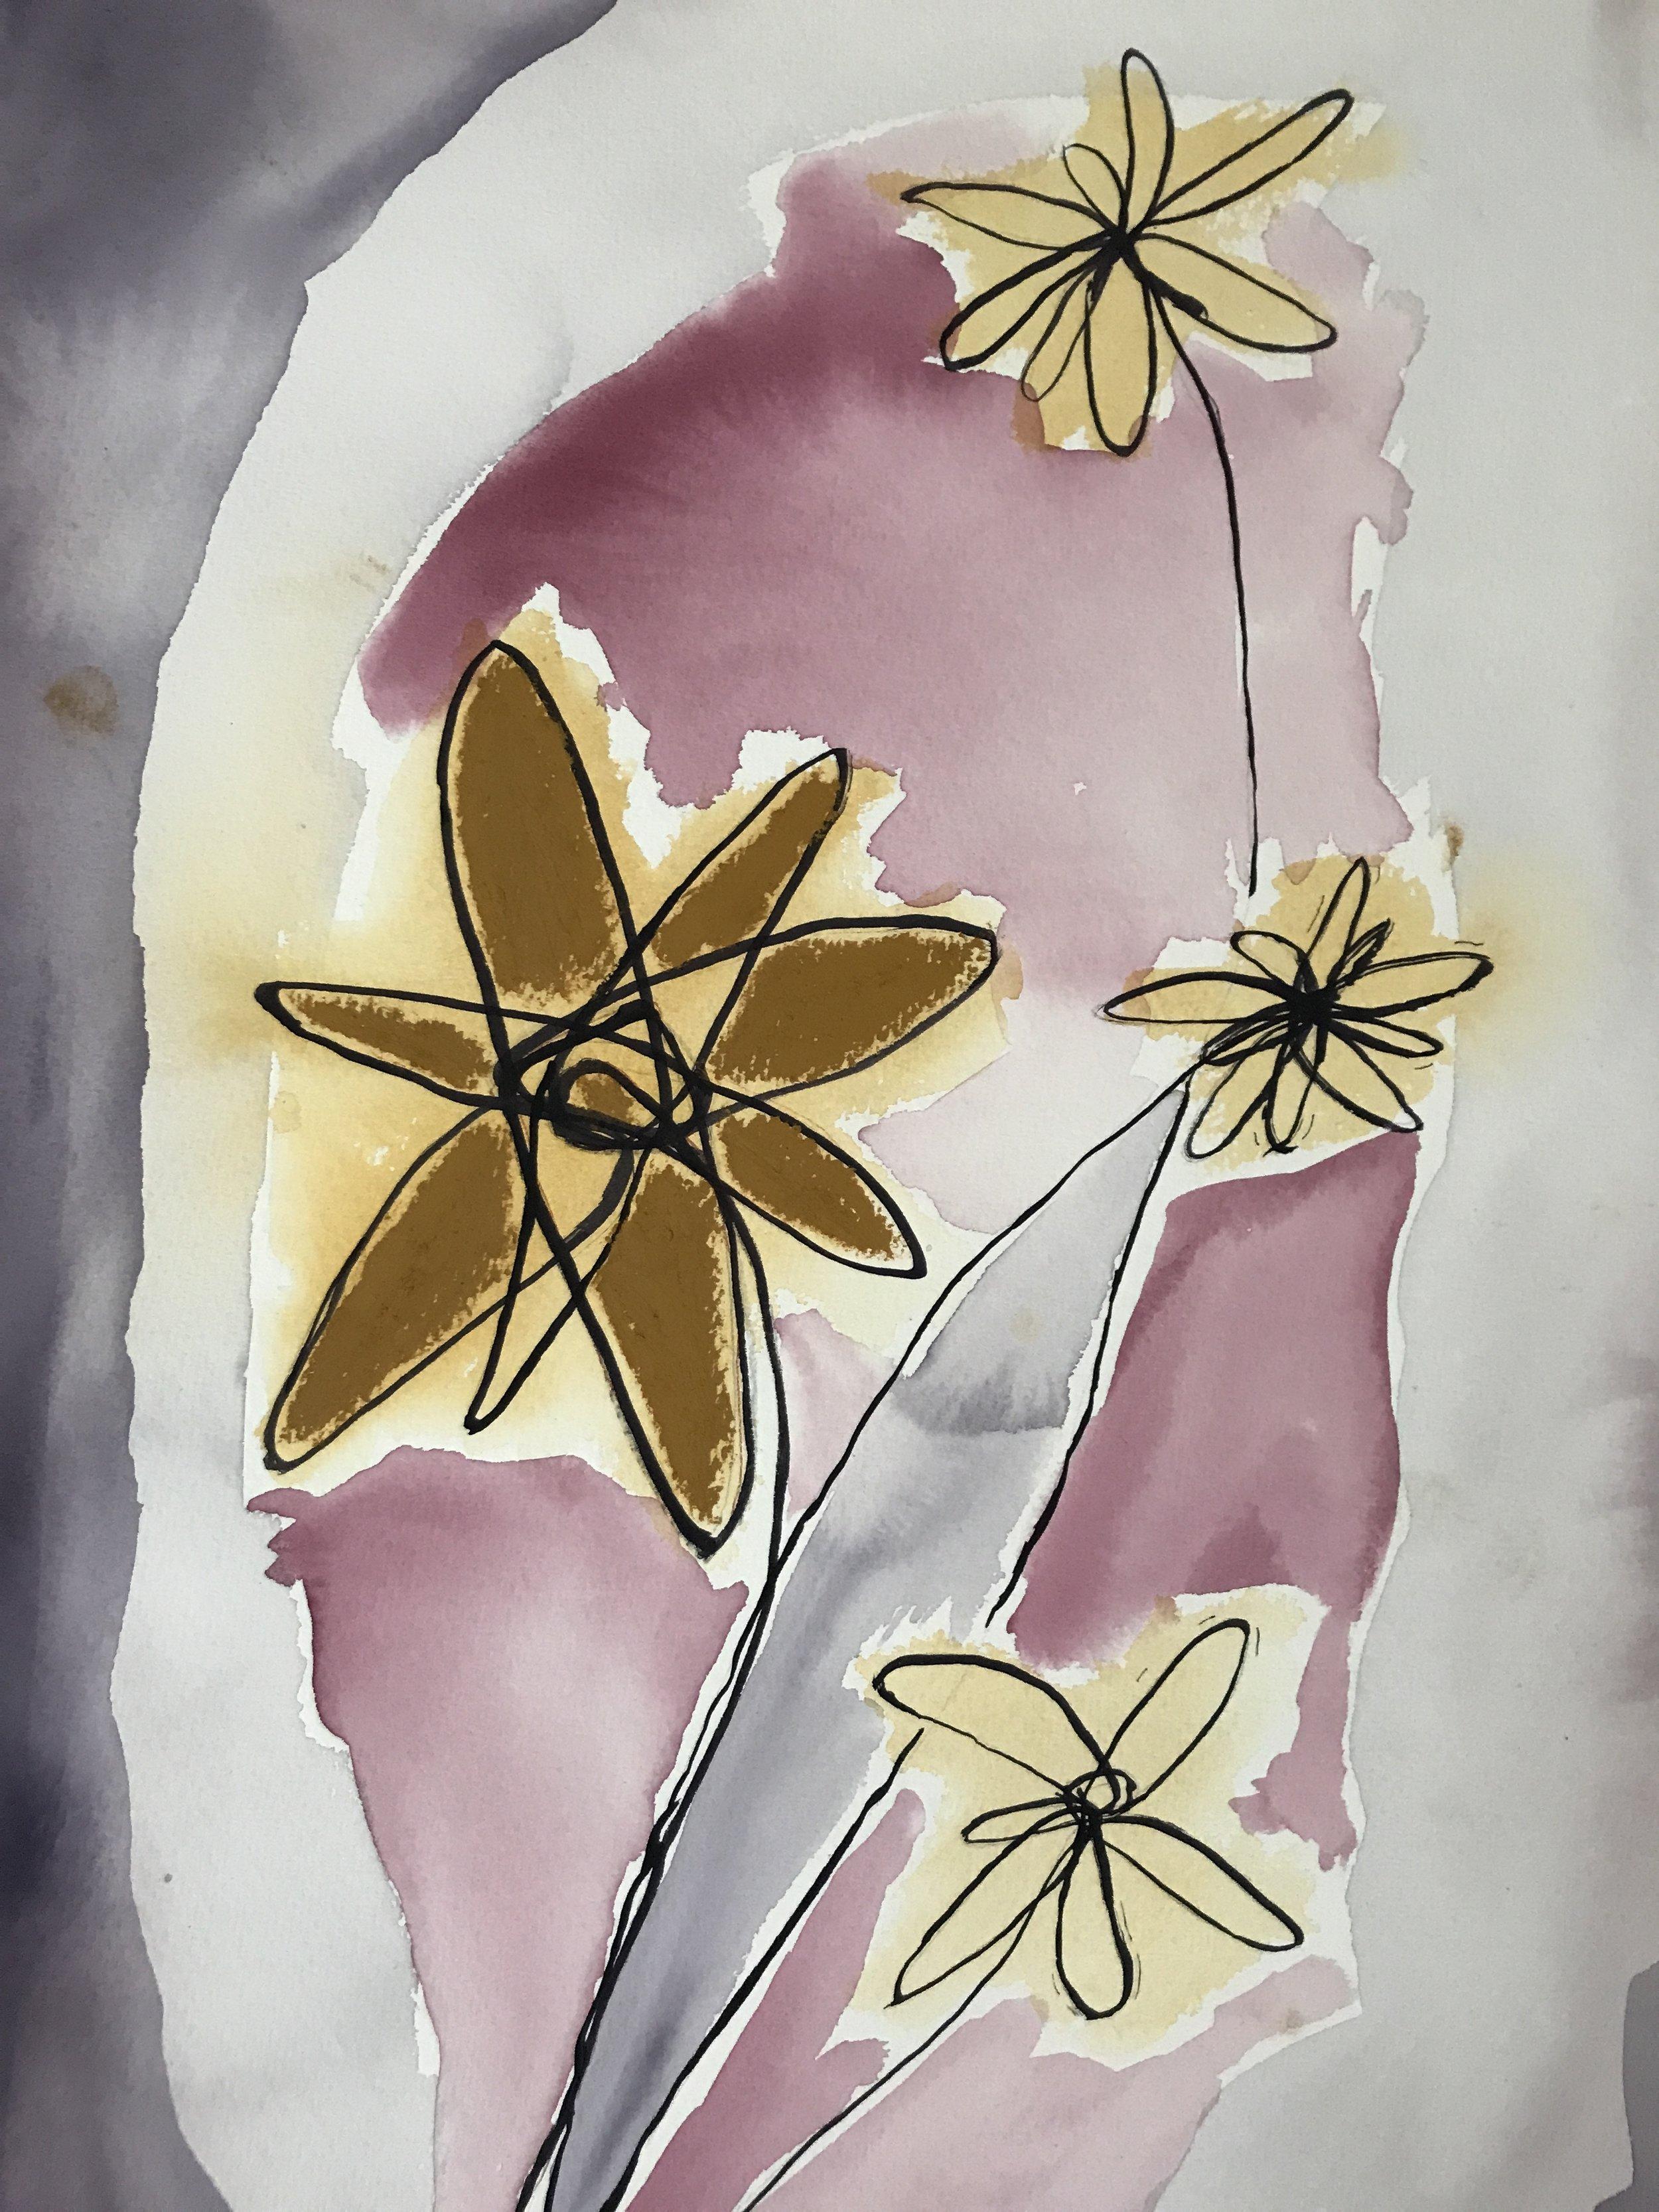 'Flowers from Granny (sick, sad)' - 700mm x 520mm